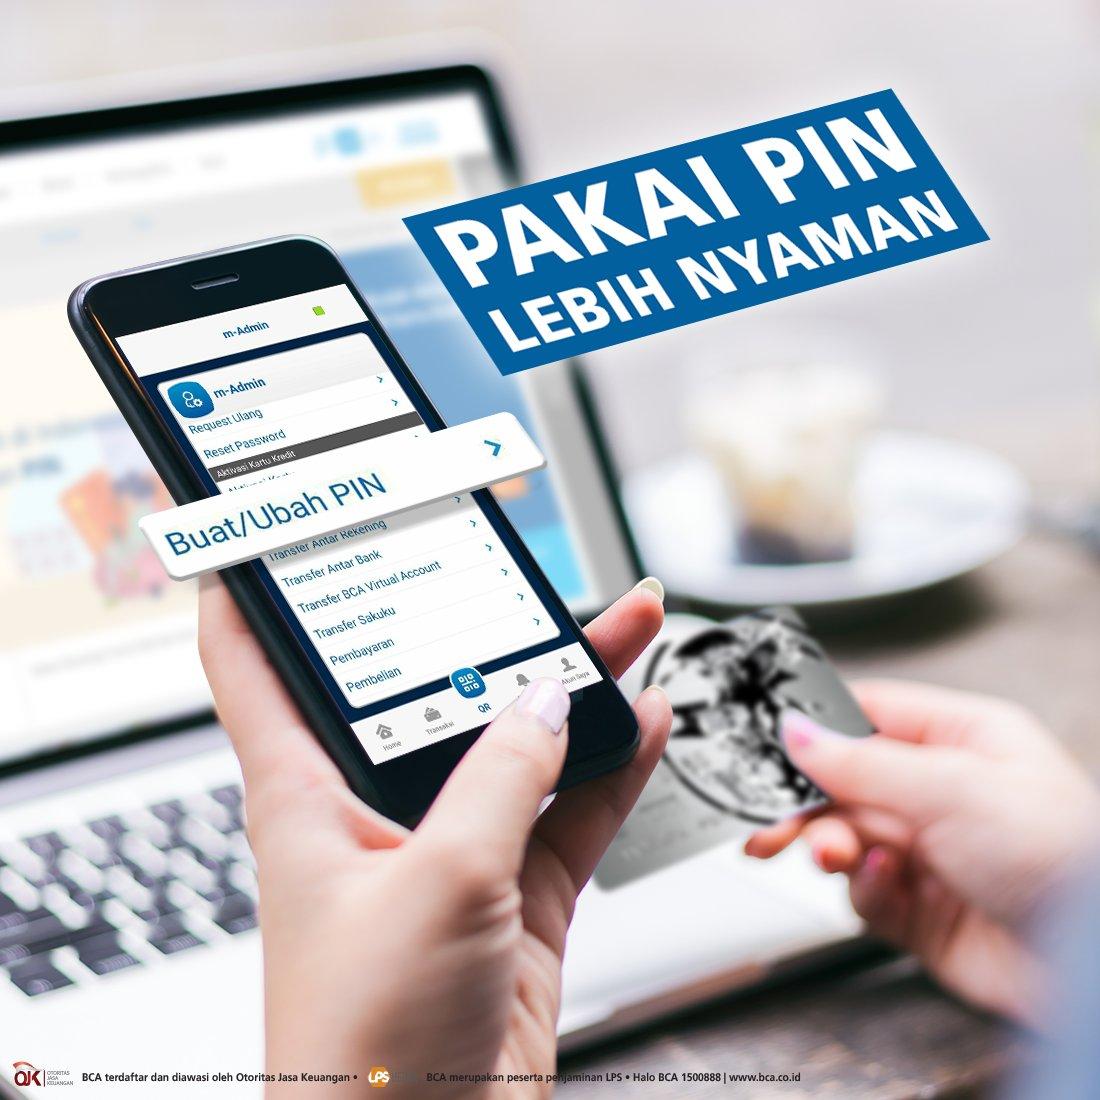 Sudah aktifkan PIN kartu kredit? Per tanggal 1 Juli 2020, Bank Indonesia mewajibkan penggunaan PIN untuk setiap transaksi kartu kredit. Dengan menggunakan PIN transaksi Anda juga akan lebih mudah dan nyaman. Cara lebih lengkapnya https://t.co/dtb04ZK649 https://t.co/7EdYOC3W3I